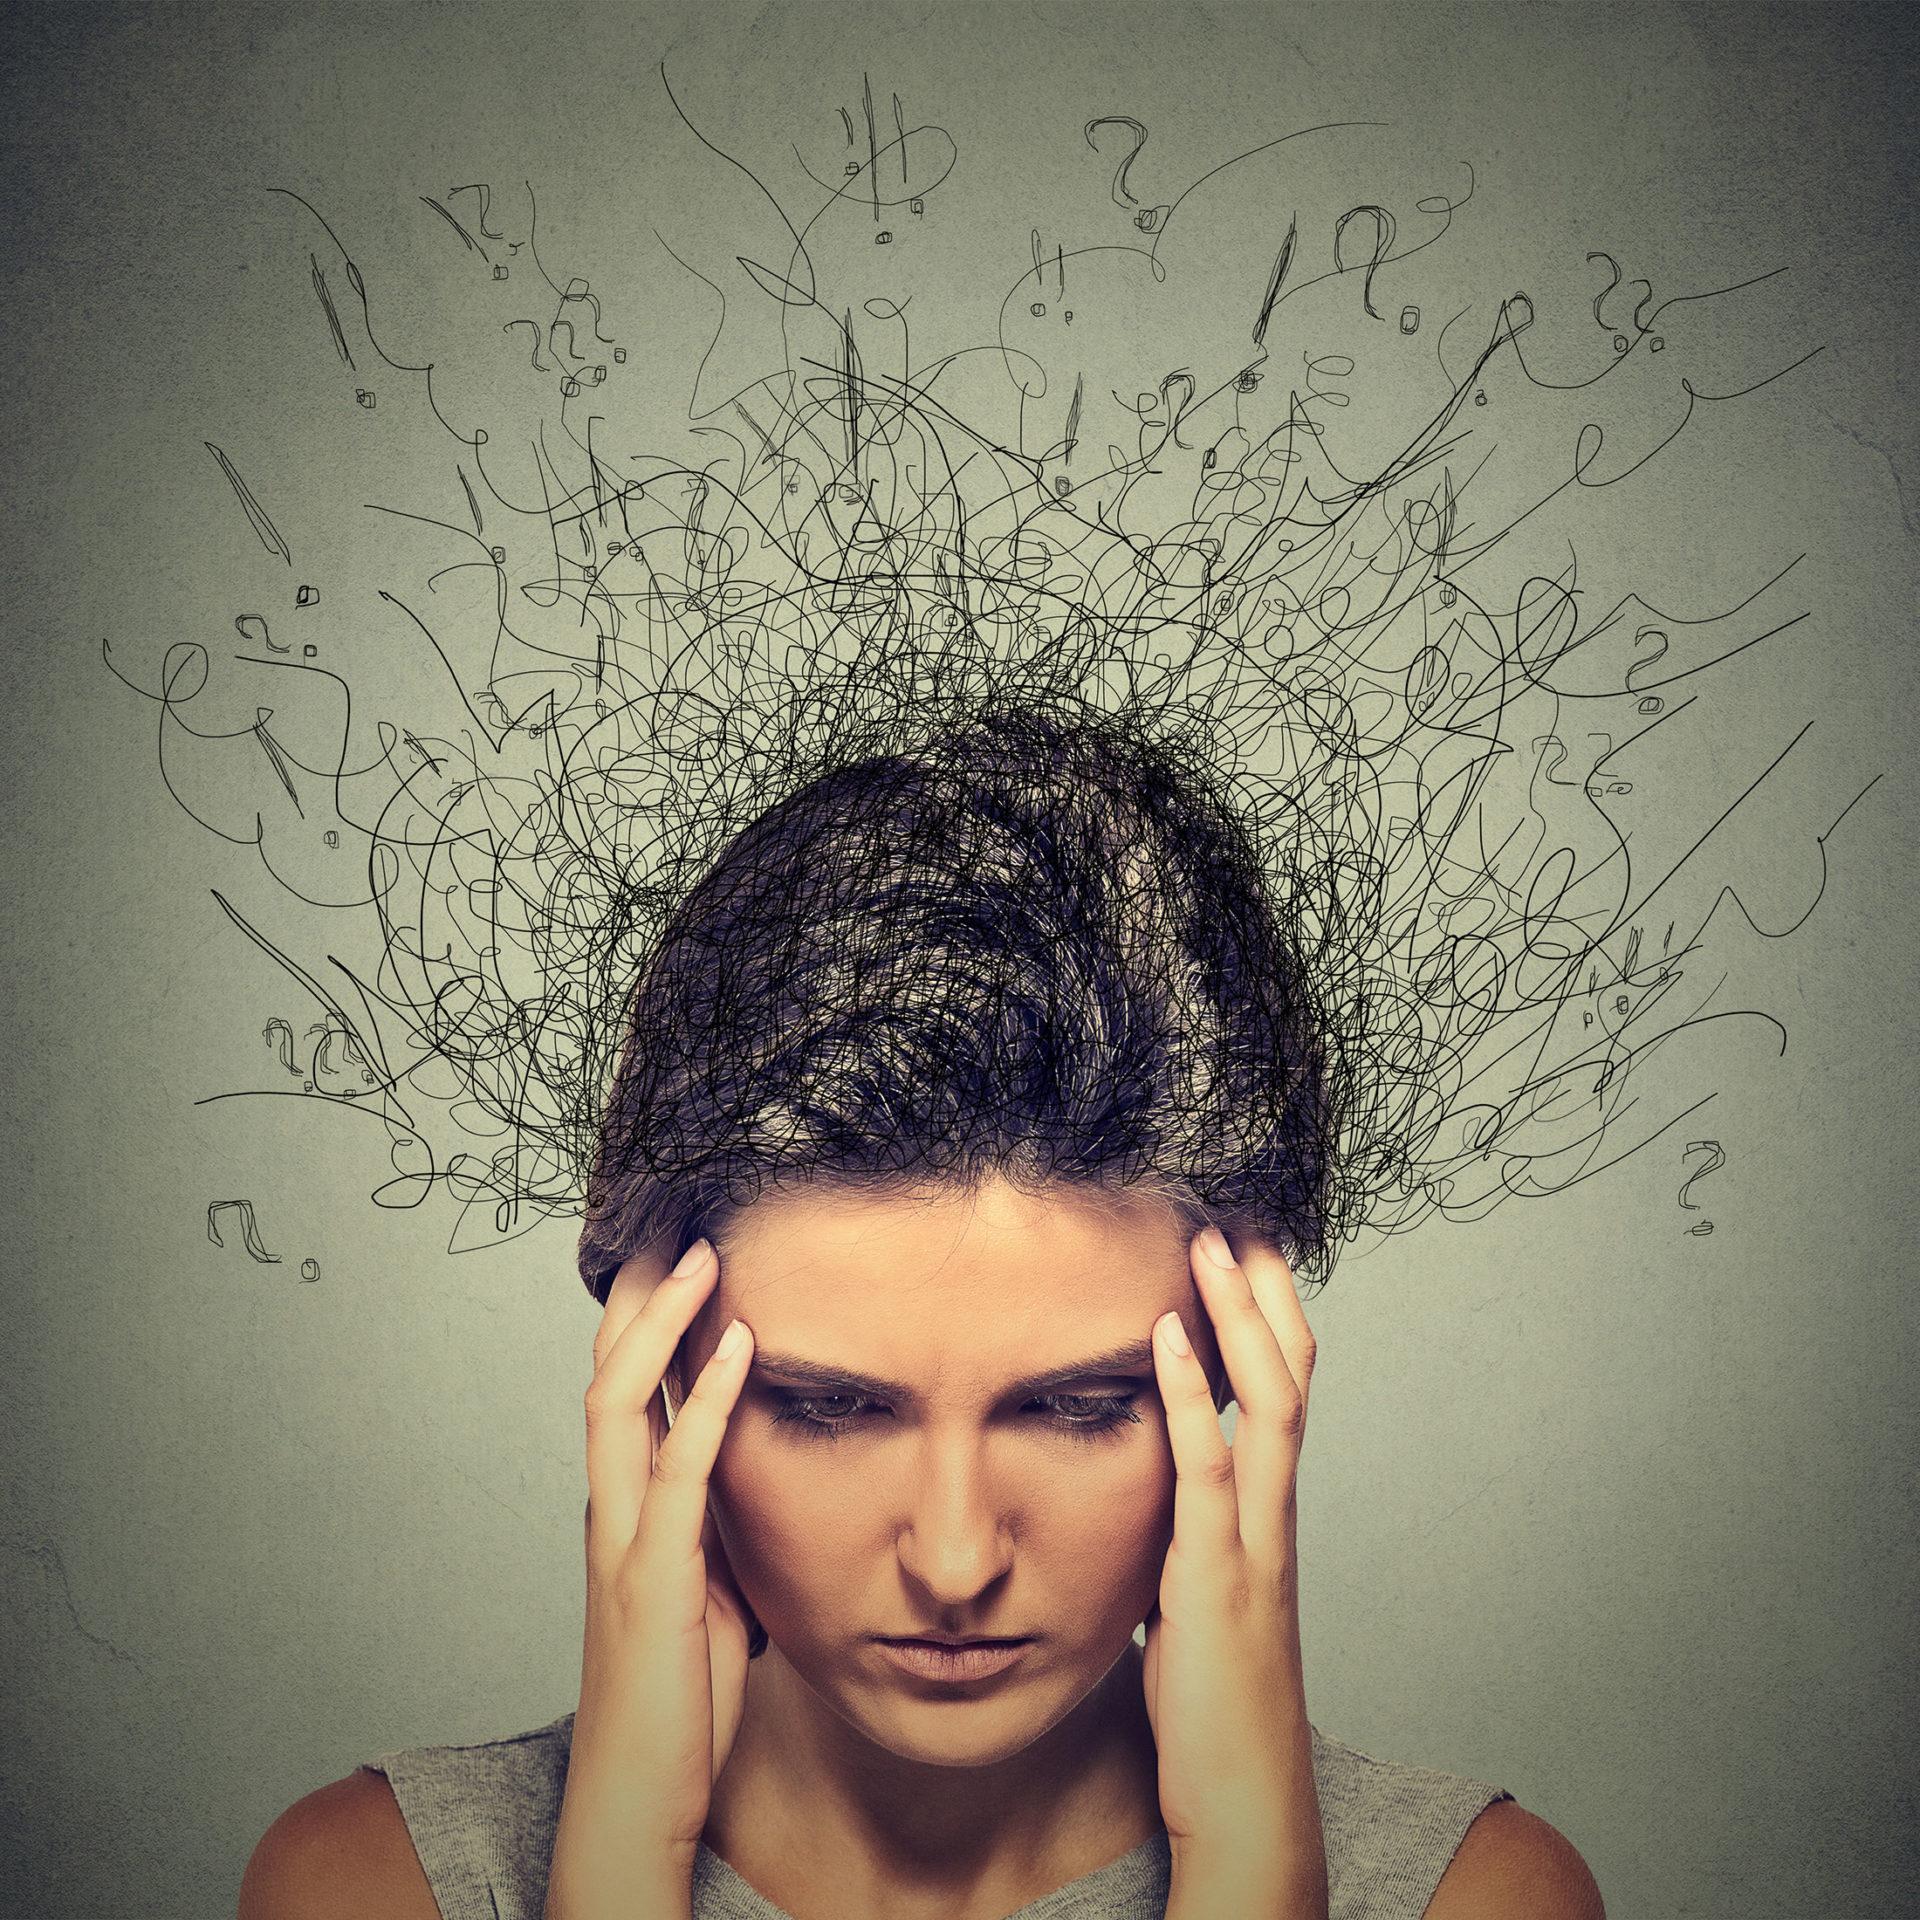 Waarom veroorzaakt wiet bij sommige mensen paranoia en bij anderen niet?